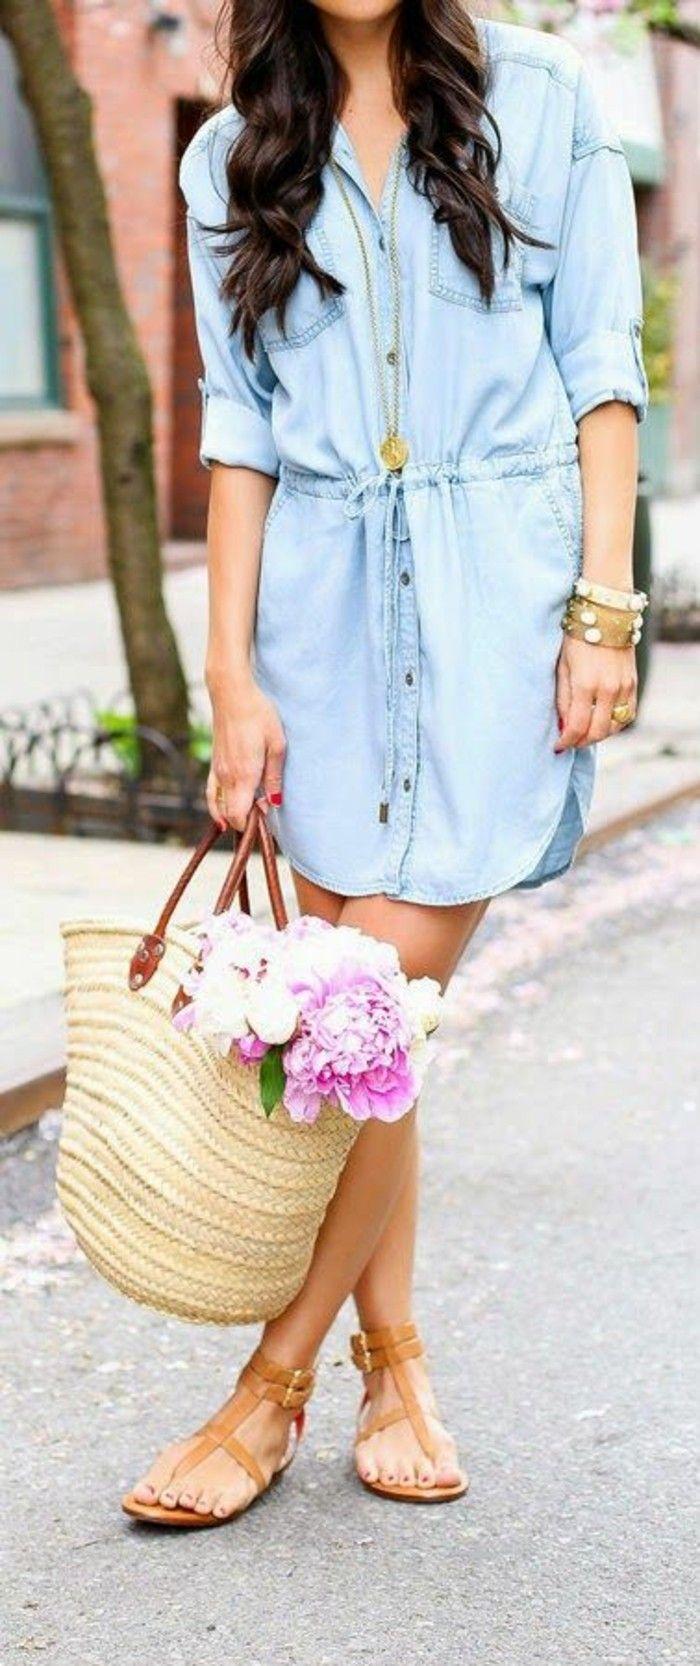 Jeanskleider: So zeigen Sie Stil mit einem Jeanskleid